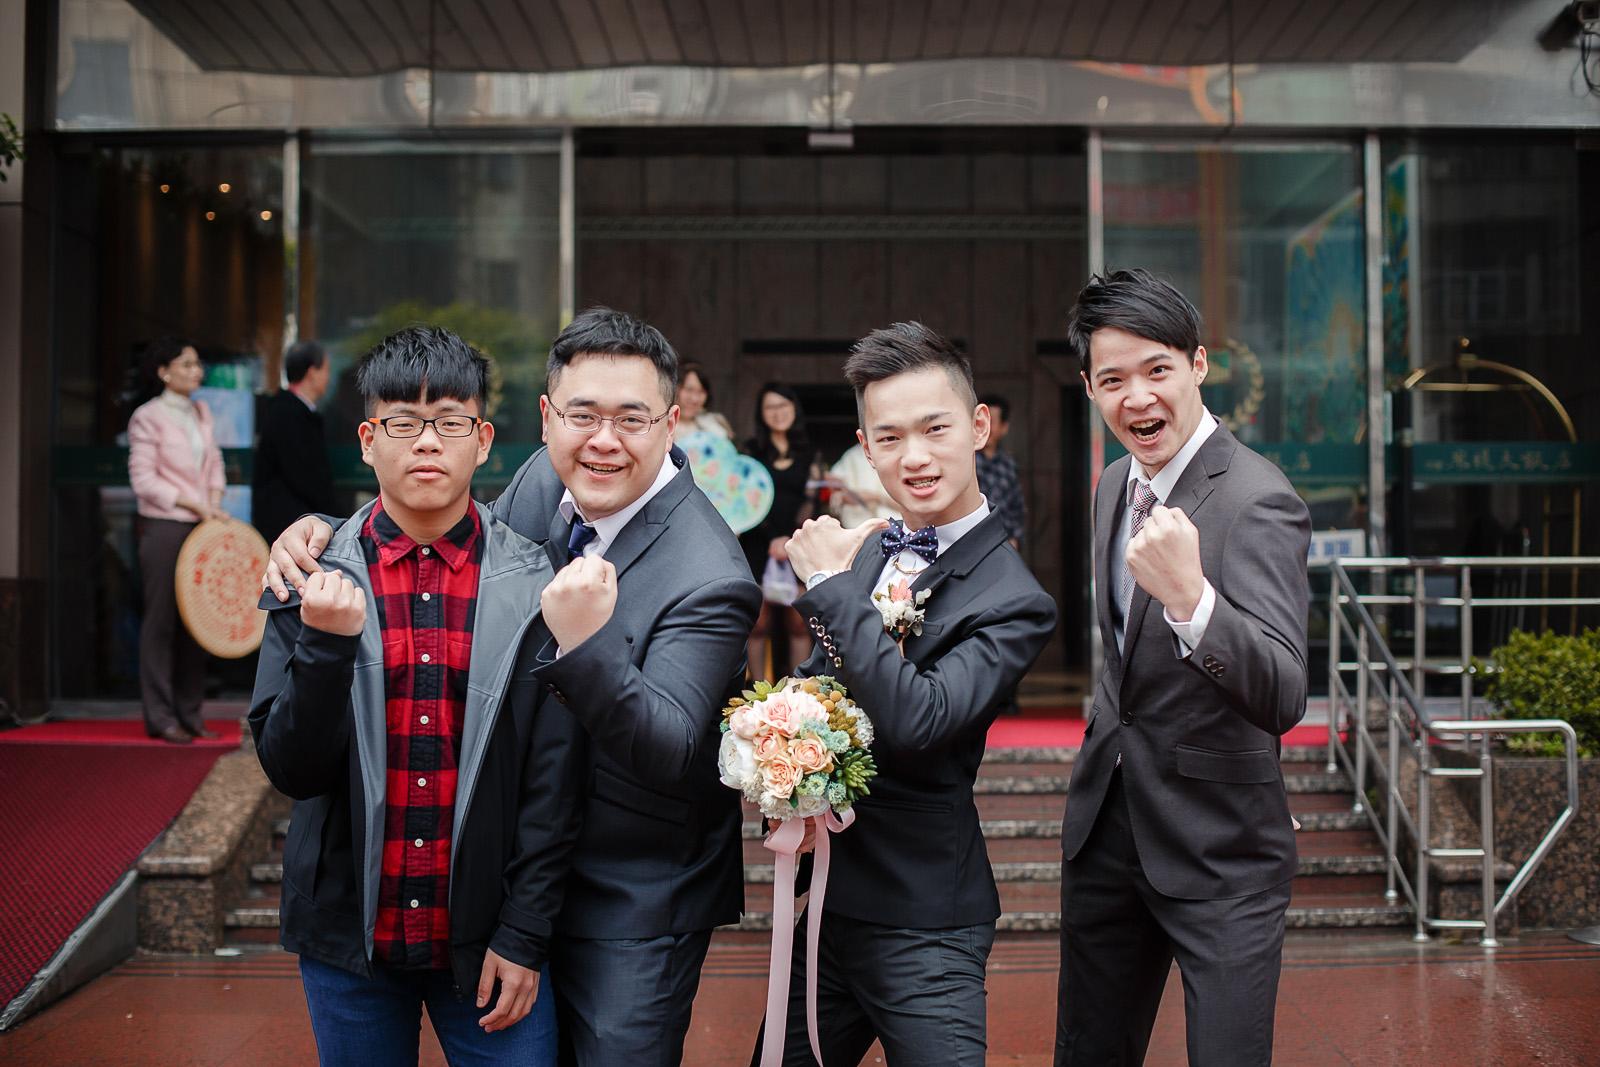 高雄圓山飯店,婚禮攝影,婚攝,高雄婚攝,優質婚攝推薦,Jen&Ethan-086